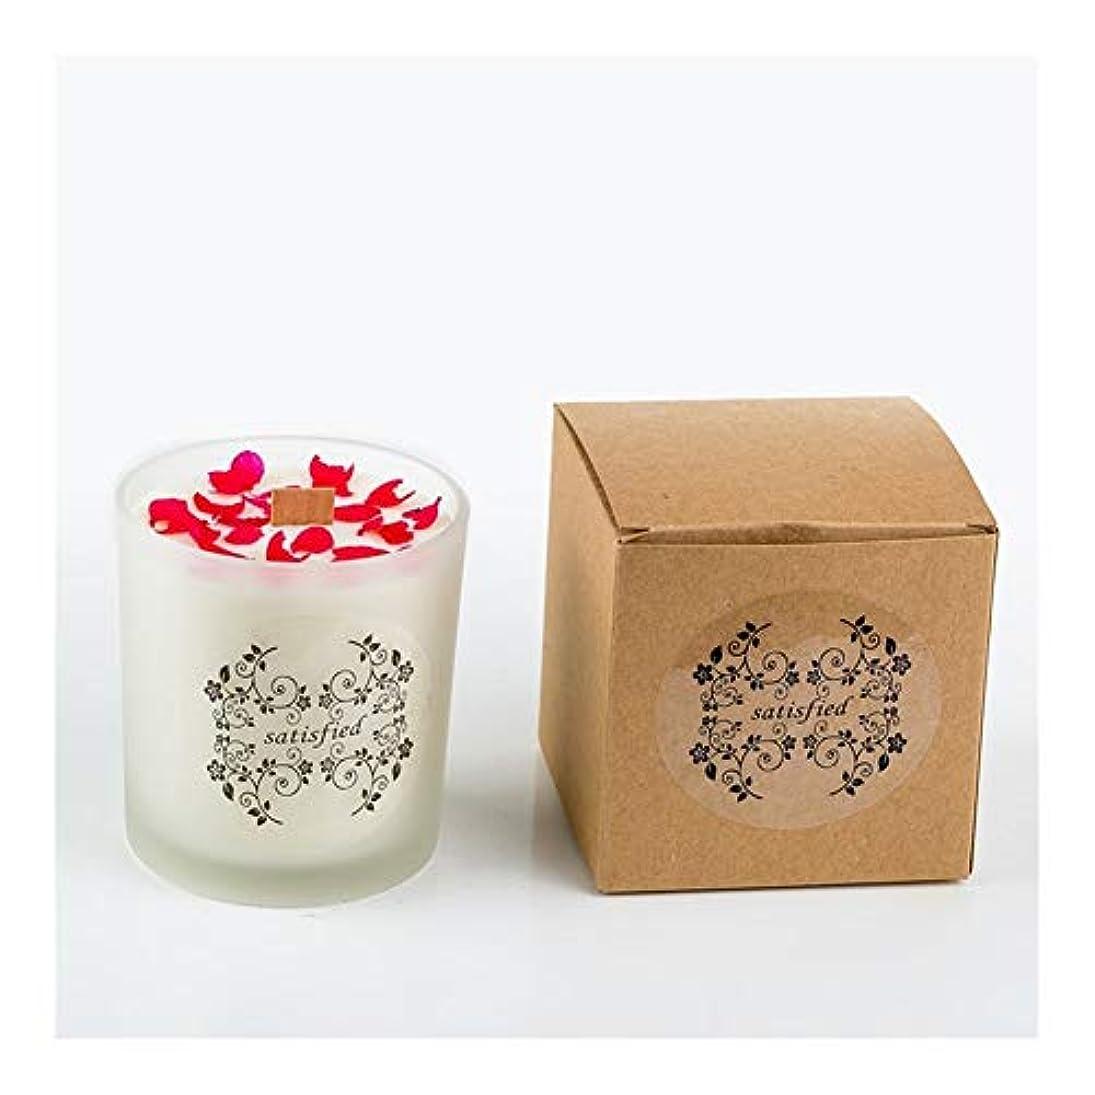 待って悩み帝国主義ACAO ロマンチックな香りのキャンドルエッセンシャルオイル大豆ワックスガラスアロマセラピーロマンチックな誕生日ギフトの提案無煙の香り (色 : Xiang Xuelan)